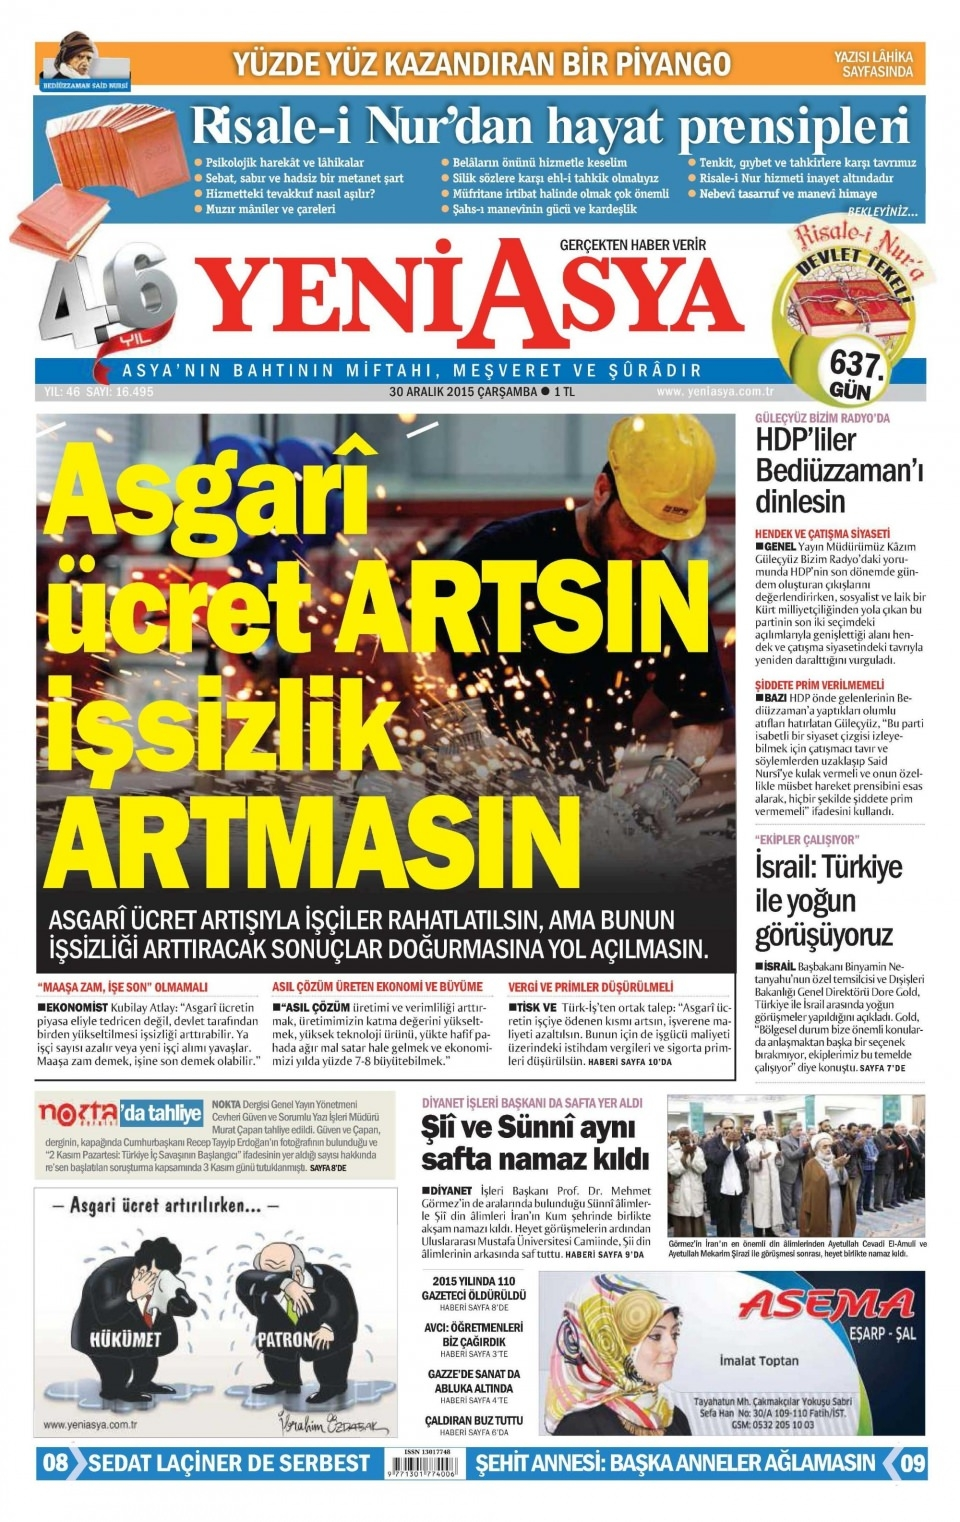 30 Aralık 2015 gazete manşetleri 32